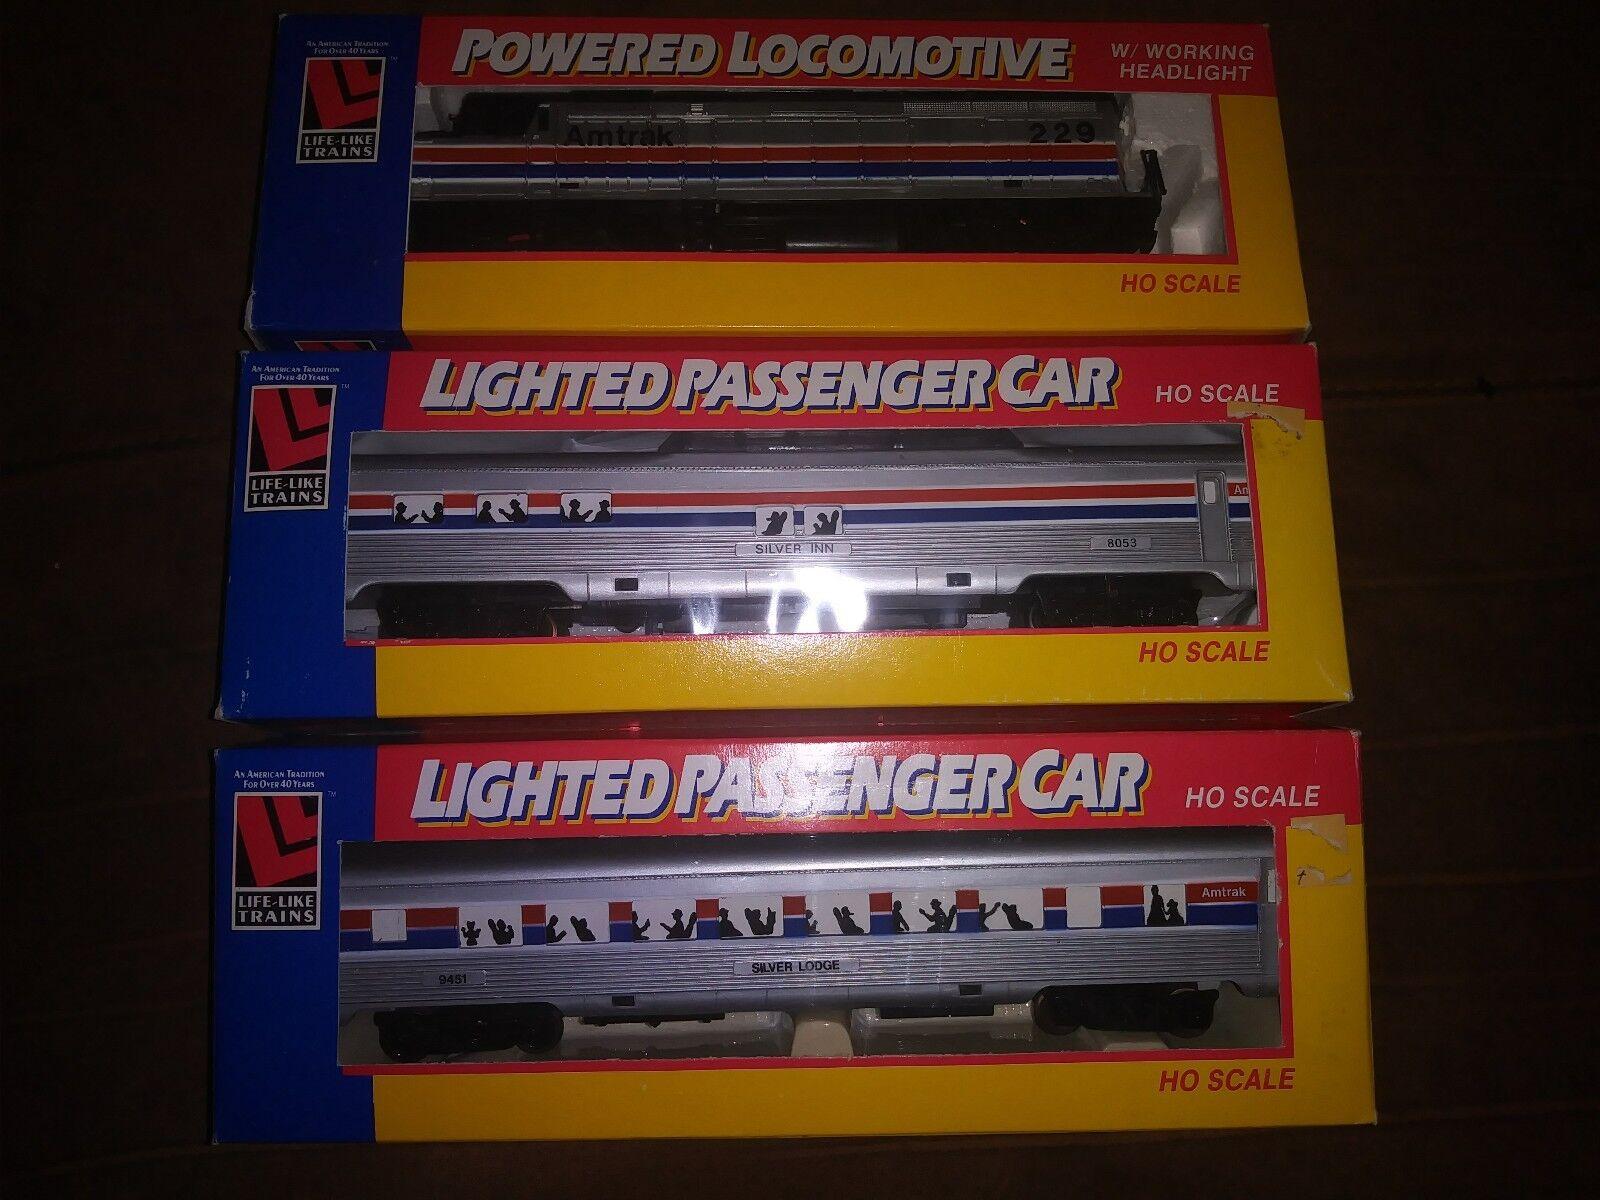 compras online de deportes Lote de de de 3 nuevos modelos de Amtrak HO calibre 8241, 8079, 8090  mas barato